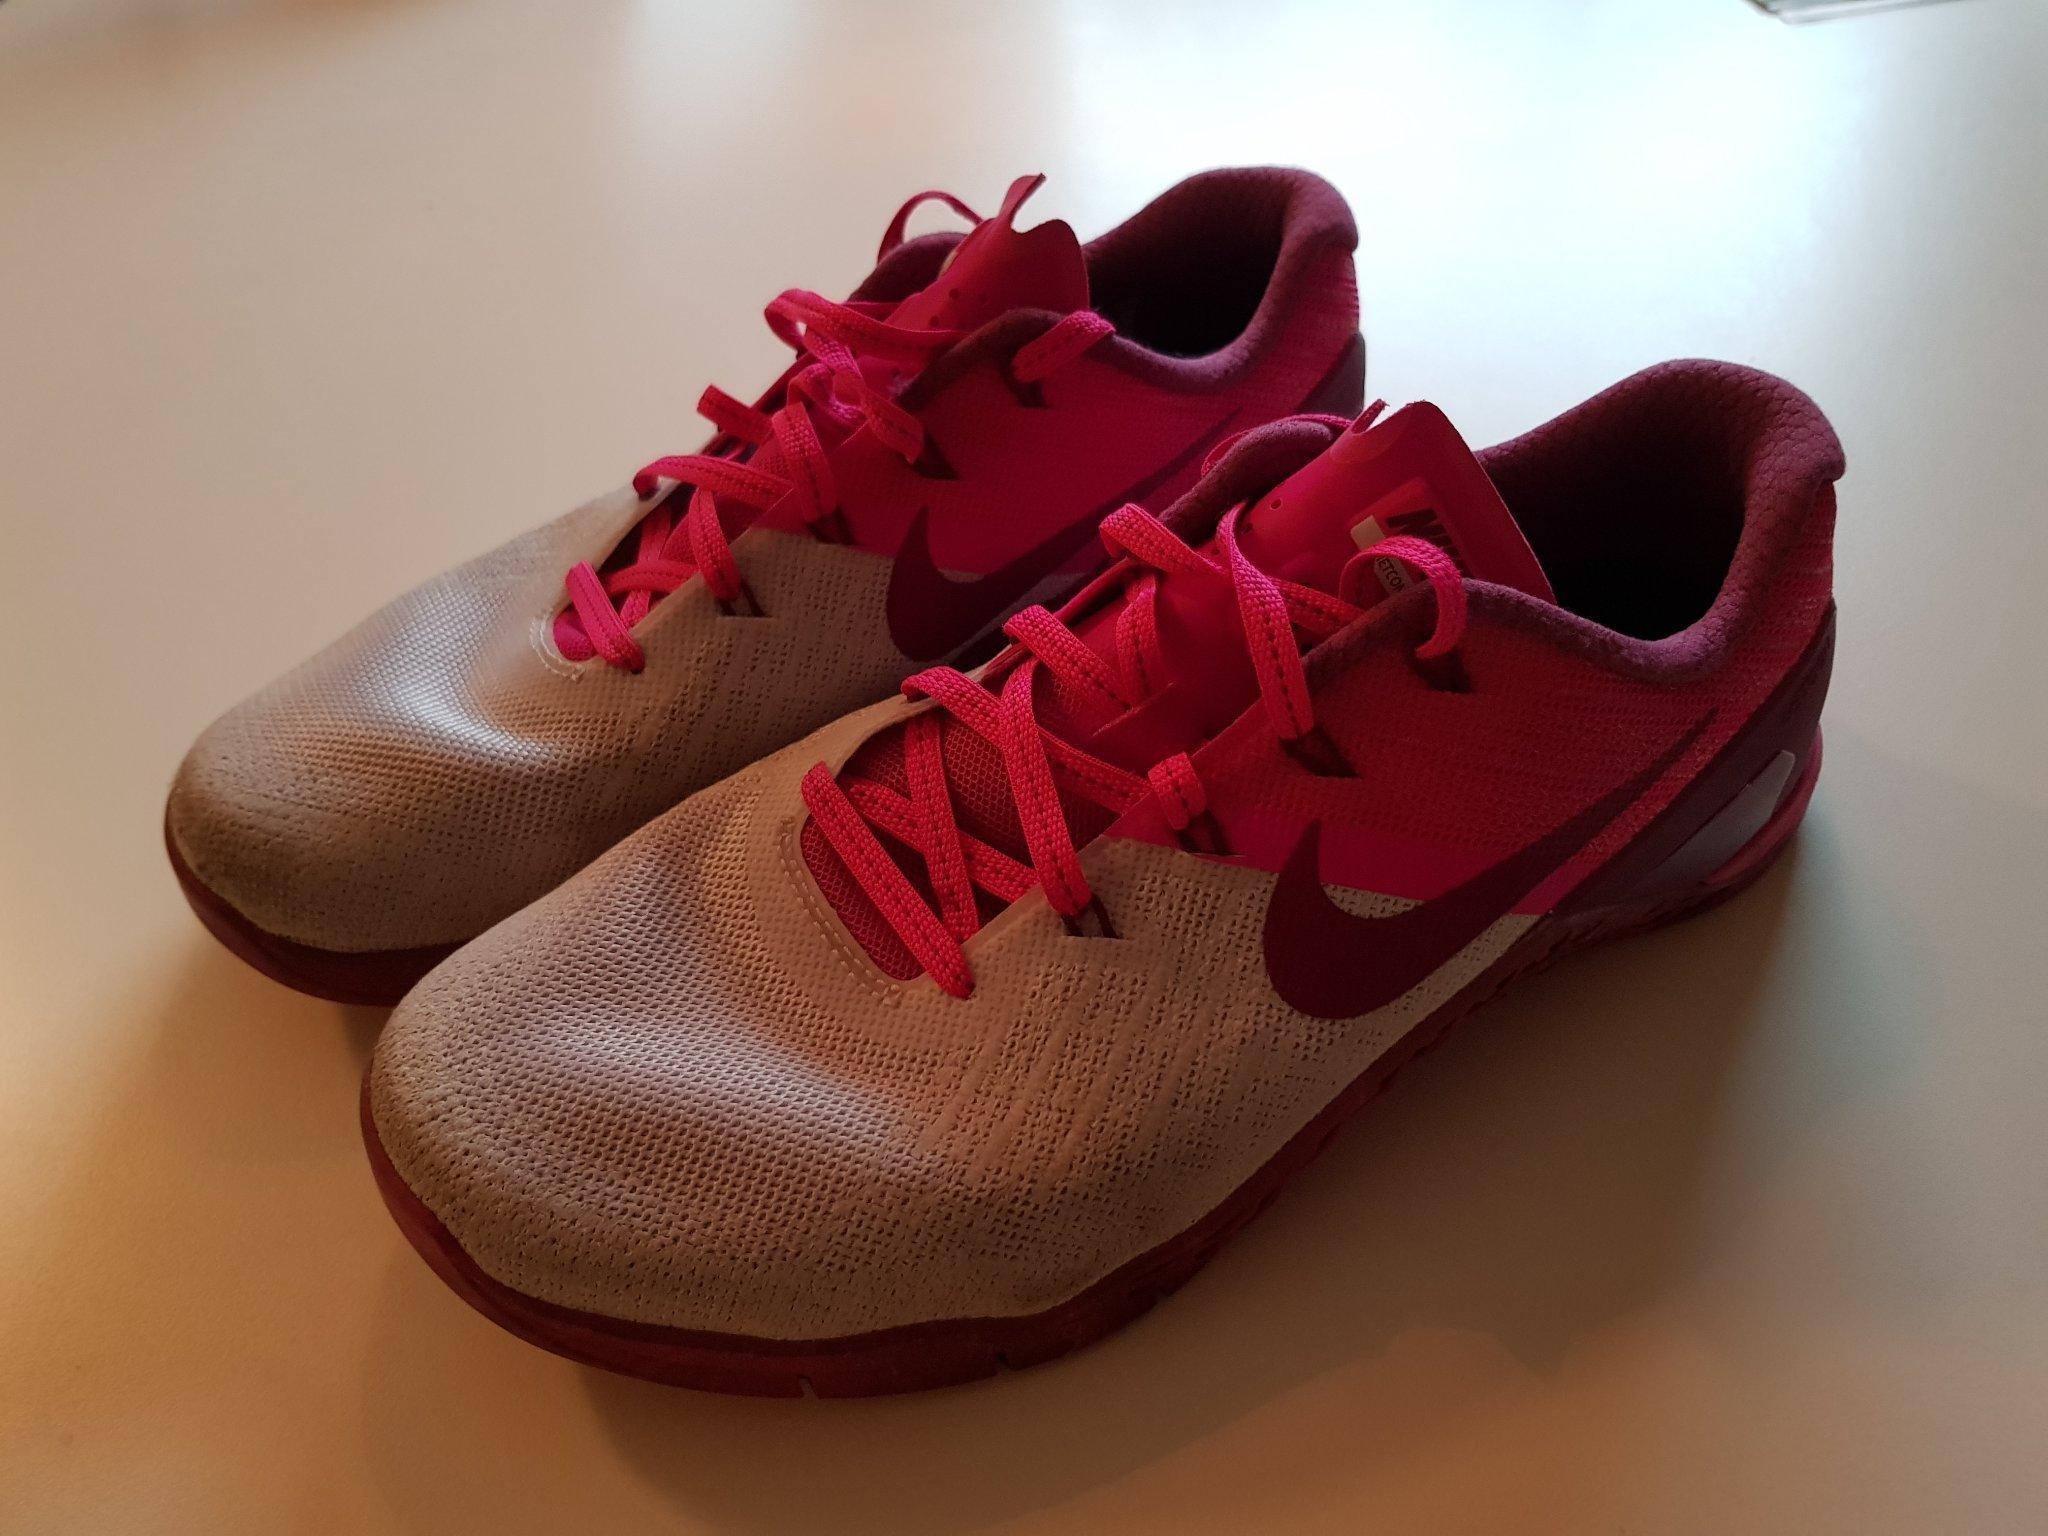 Nike Metcon 3 CrossFit skor, obetydligt använ.. (357725659